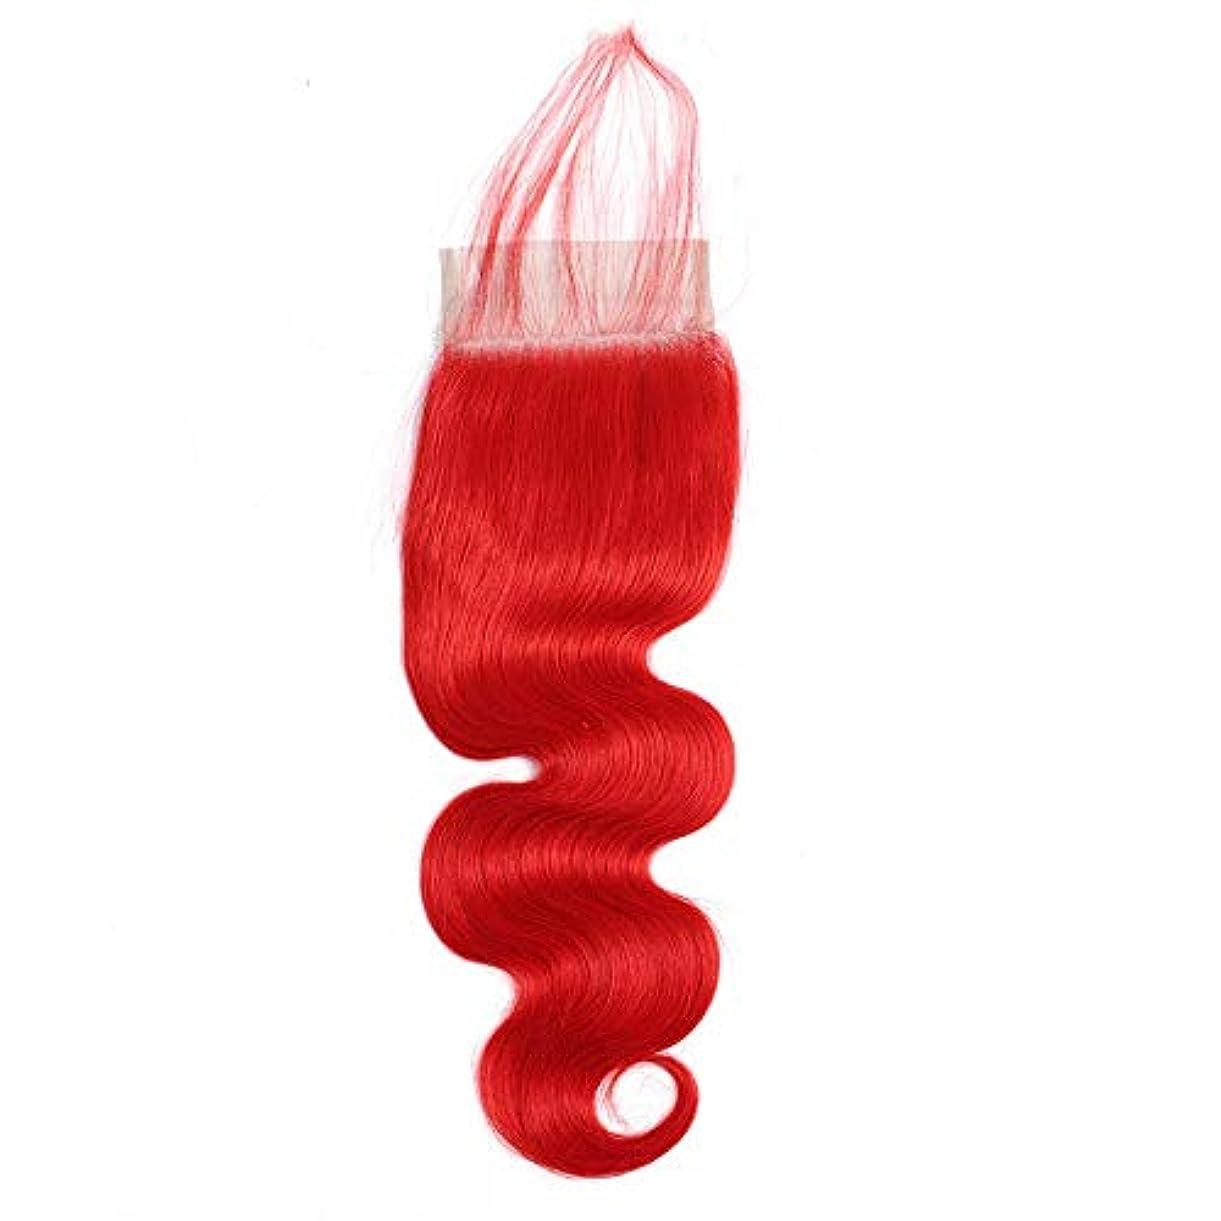 デジタル操作可能トラクターHOHYLLYA 4×4インチ実体波レース閉鎖ブラジルバージン人間の毛髪延長赤10インチ-16インチファッションかつら (色 : レッド, サイズ : 10 inch)